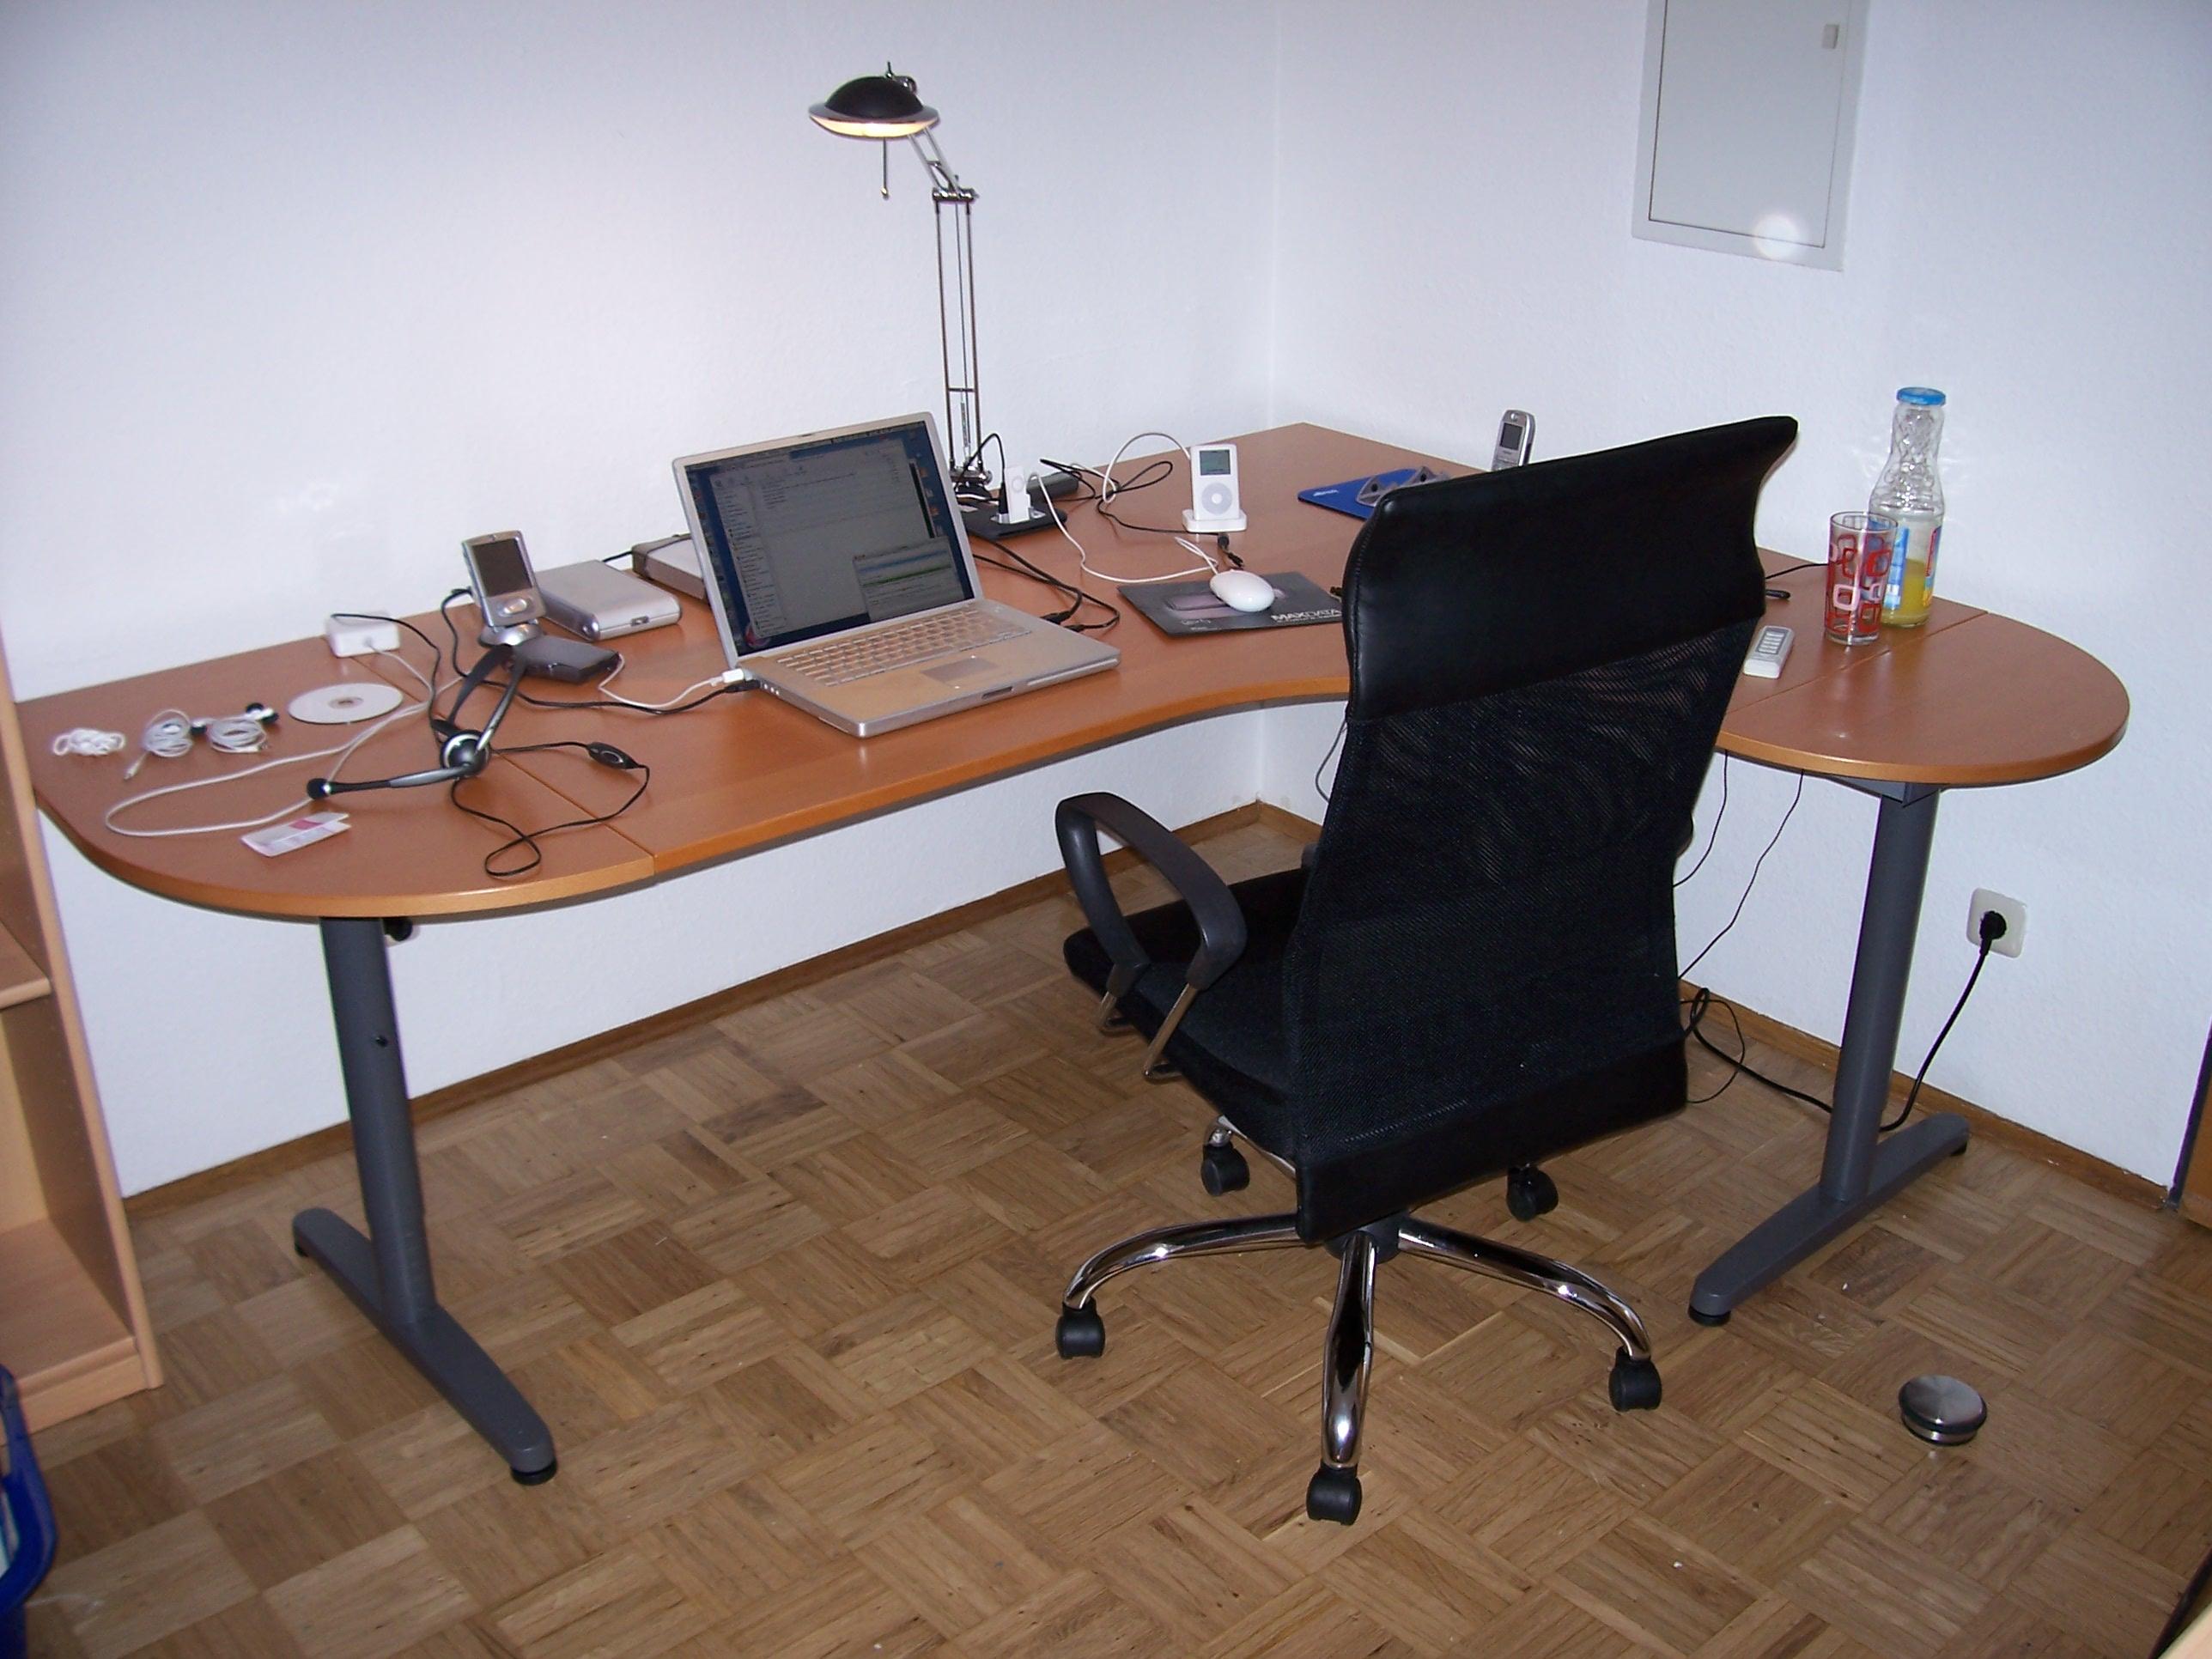 Der schreibtisch ready for action der schreibtisch ready for Schreibtisch aktion